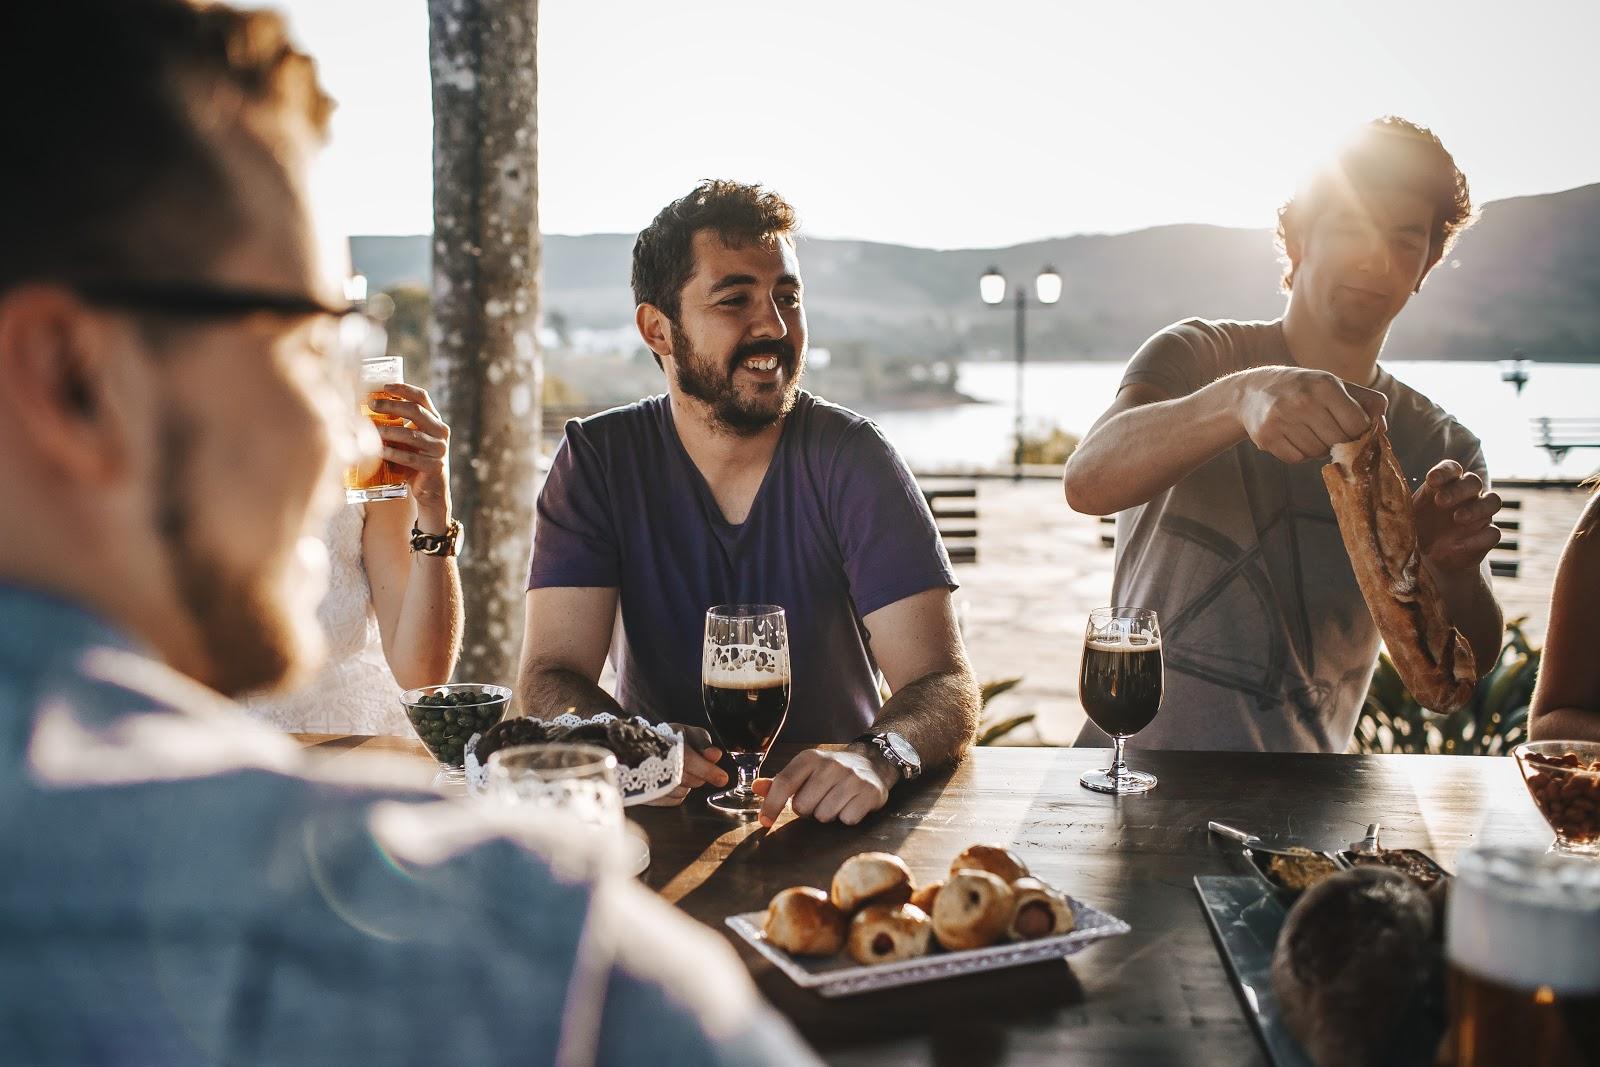 Homens em um momento de descontração, em uma confraternização corporativa externa, com drinks e snacks